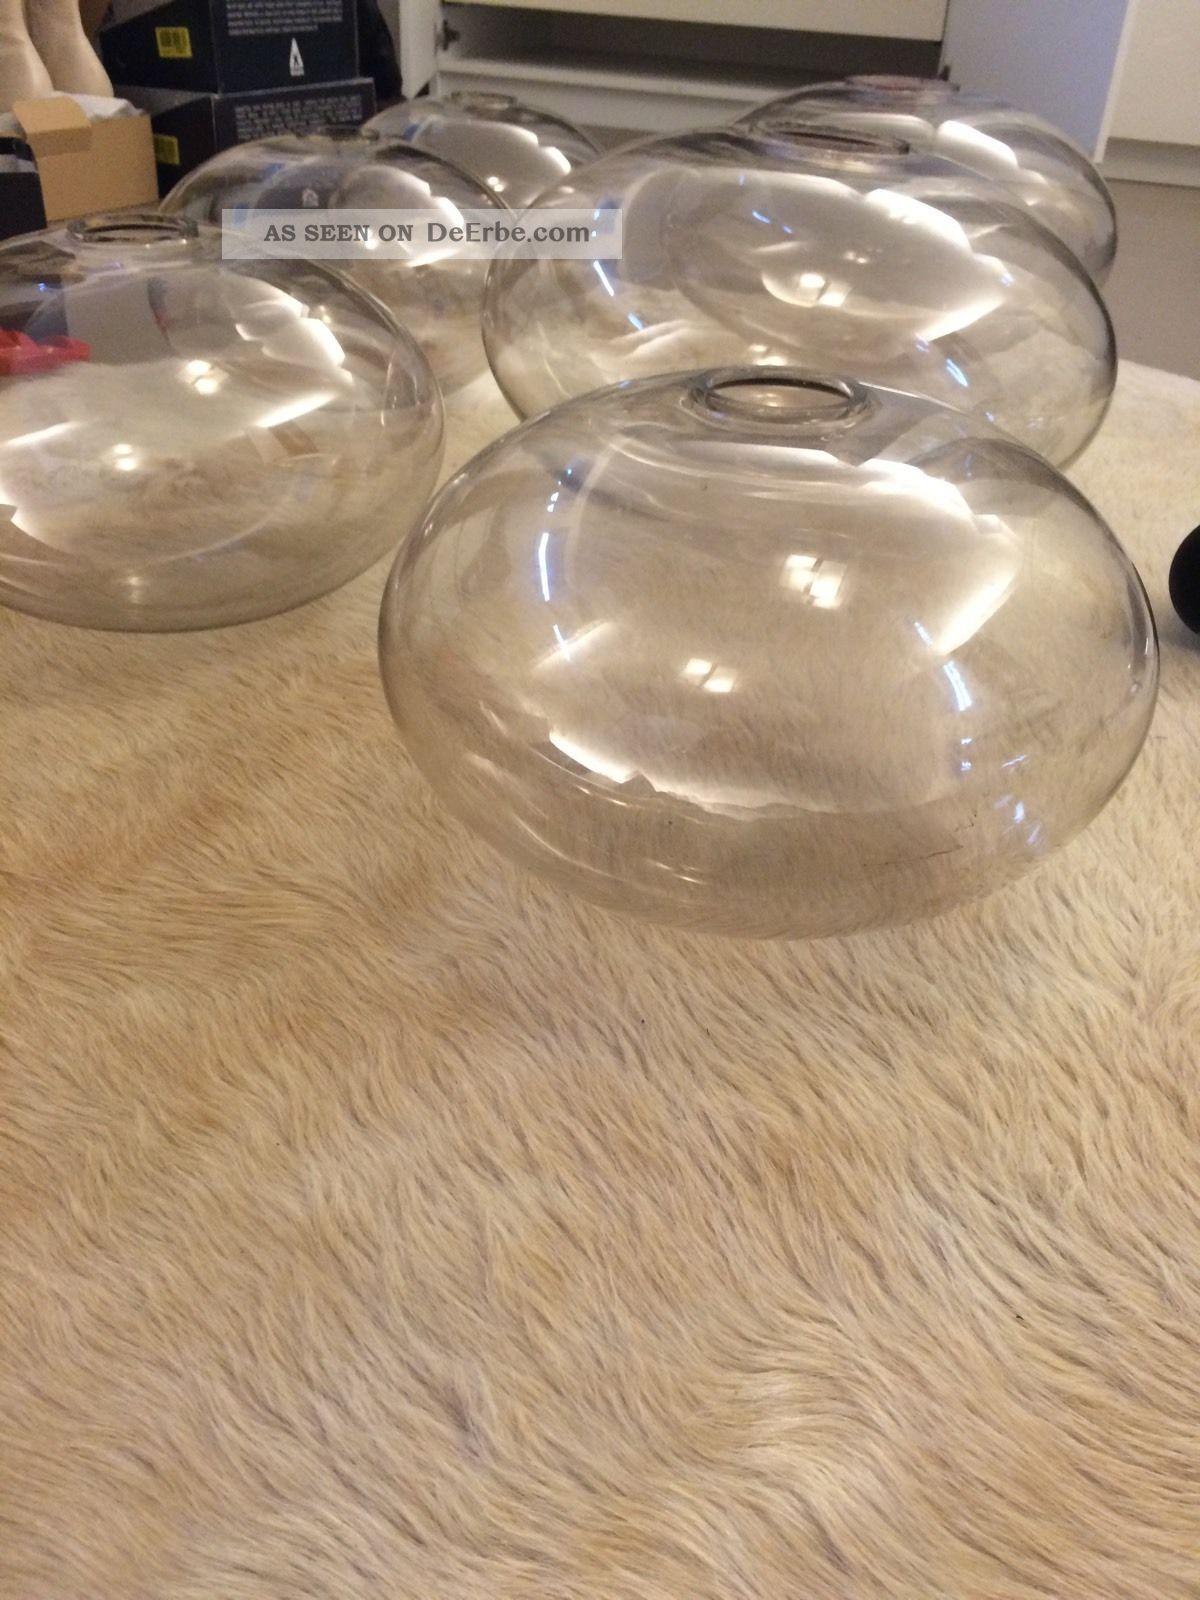 leuchten glashütte limburg